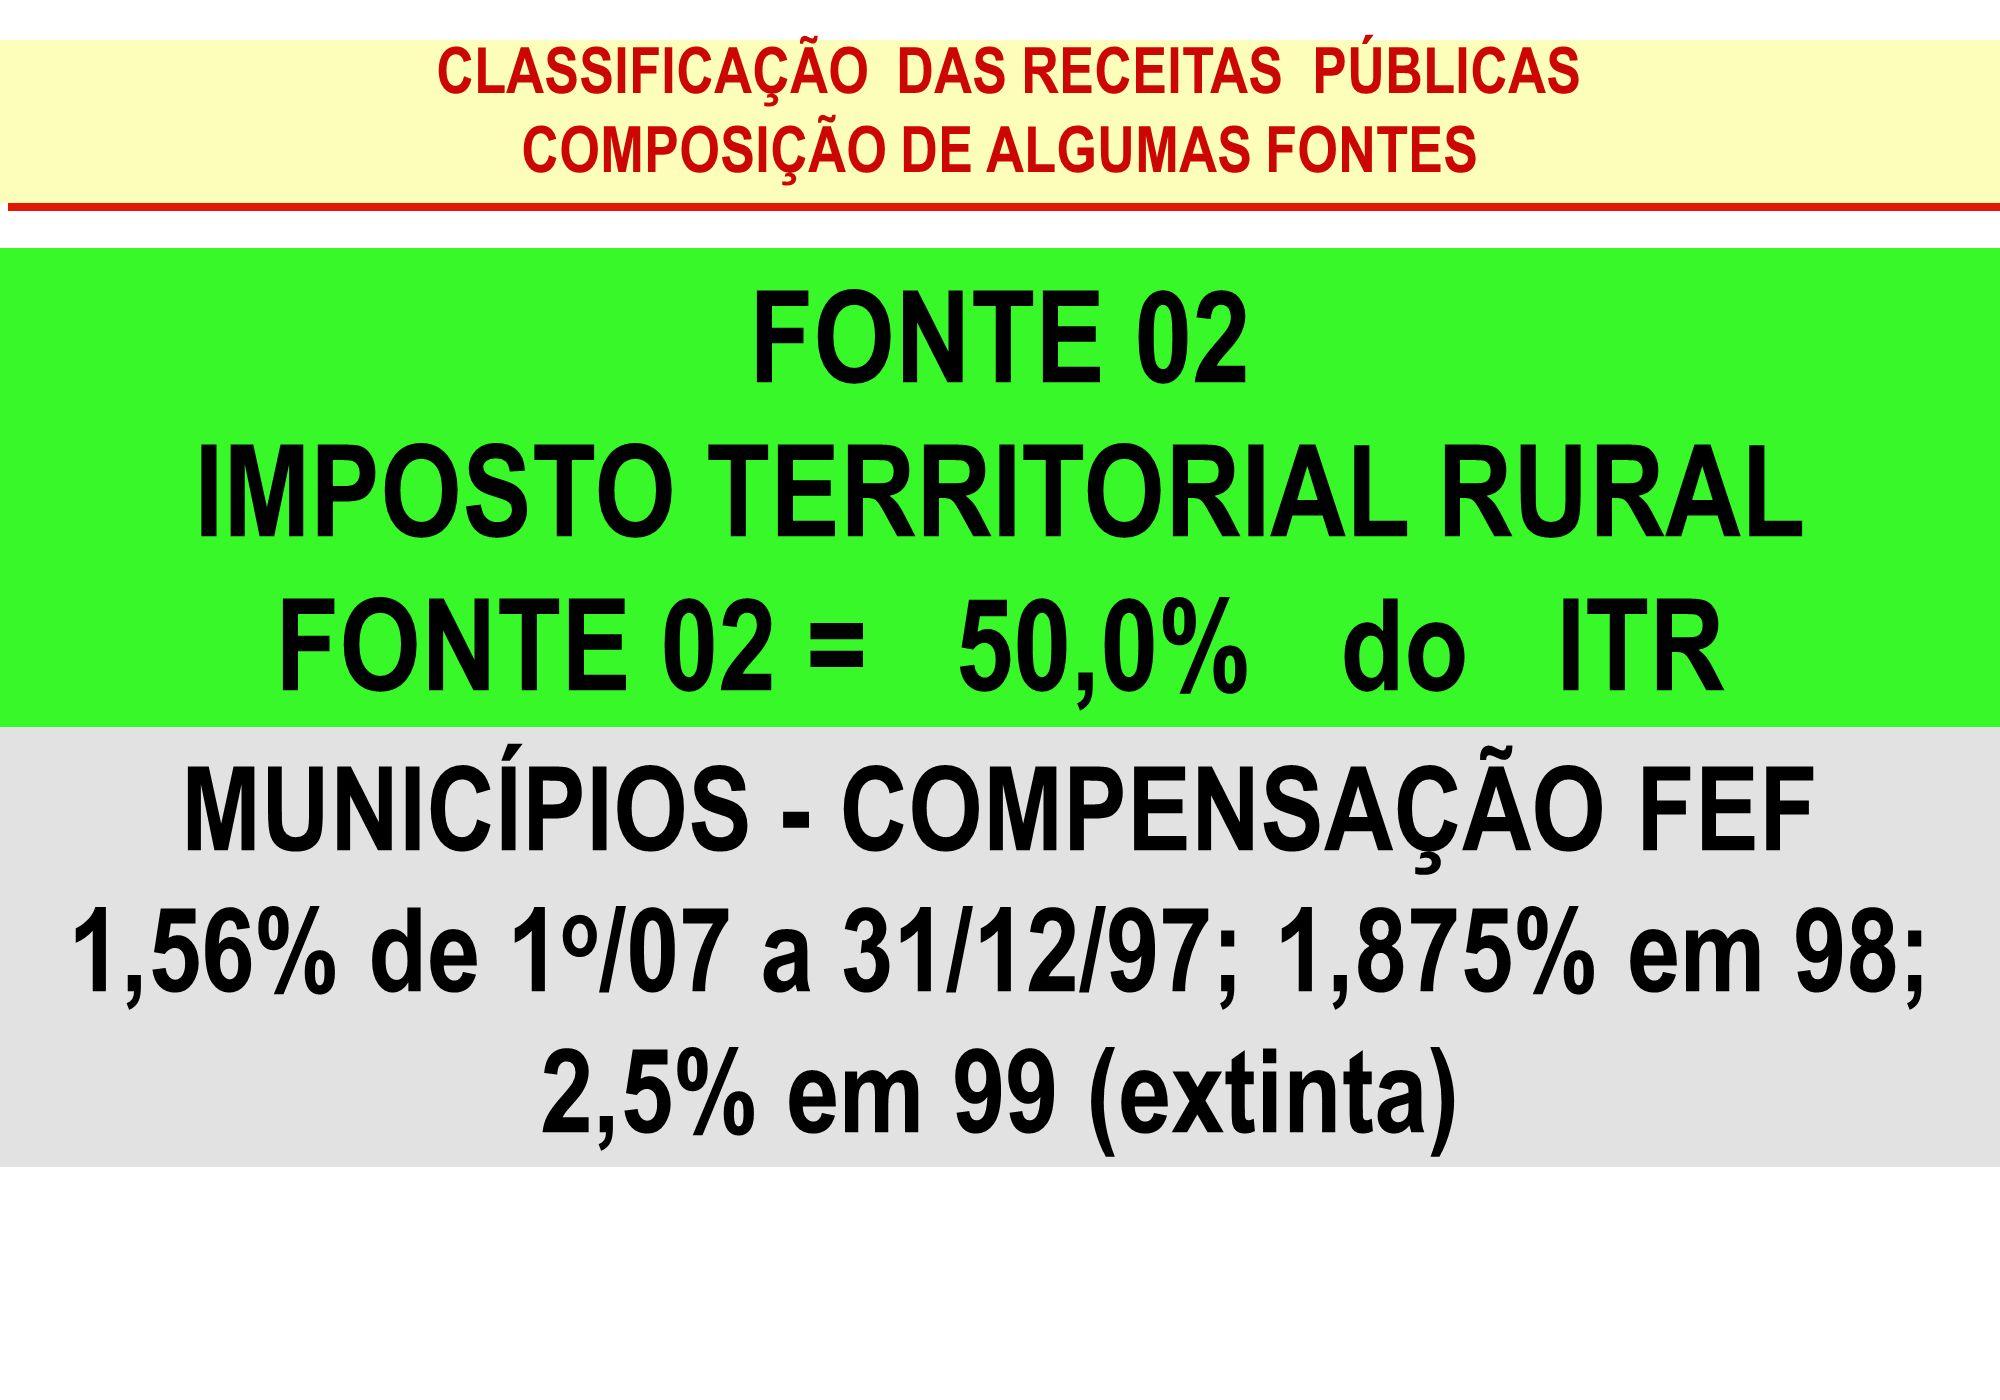 FONTE 03 TRANSFERÊNCIAS DO IR AOS MUNICÍPIOS - COMPENSAÇÃO FEF 1,56% de 1 o /07 a 31/12/97; 1,875% em 98; 2,5% em 99 (extinta) FONTE 02 IMPOSTO TERRIT